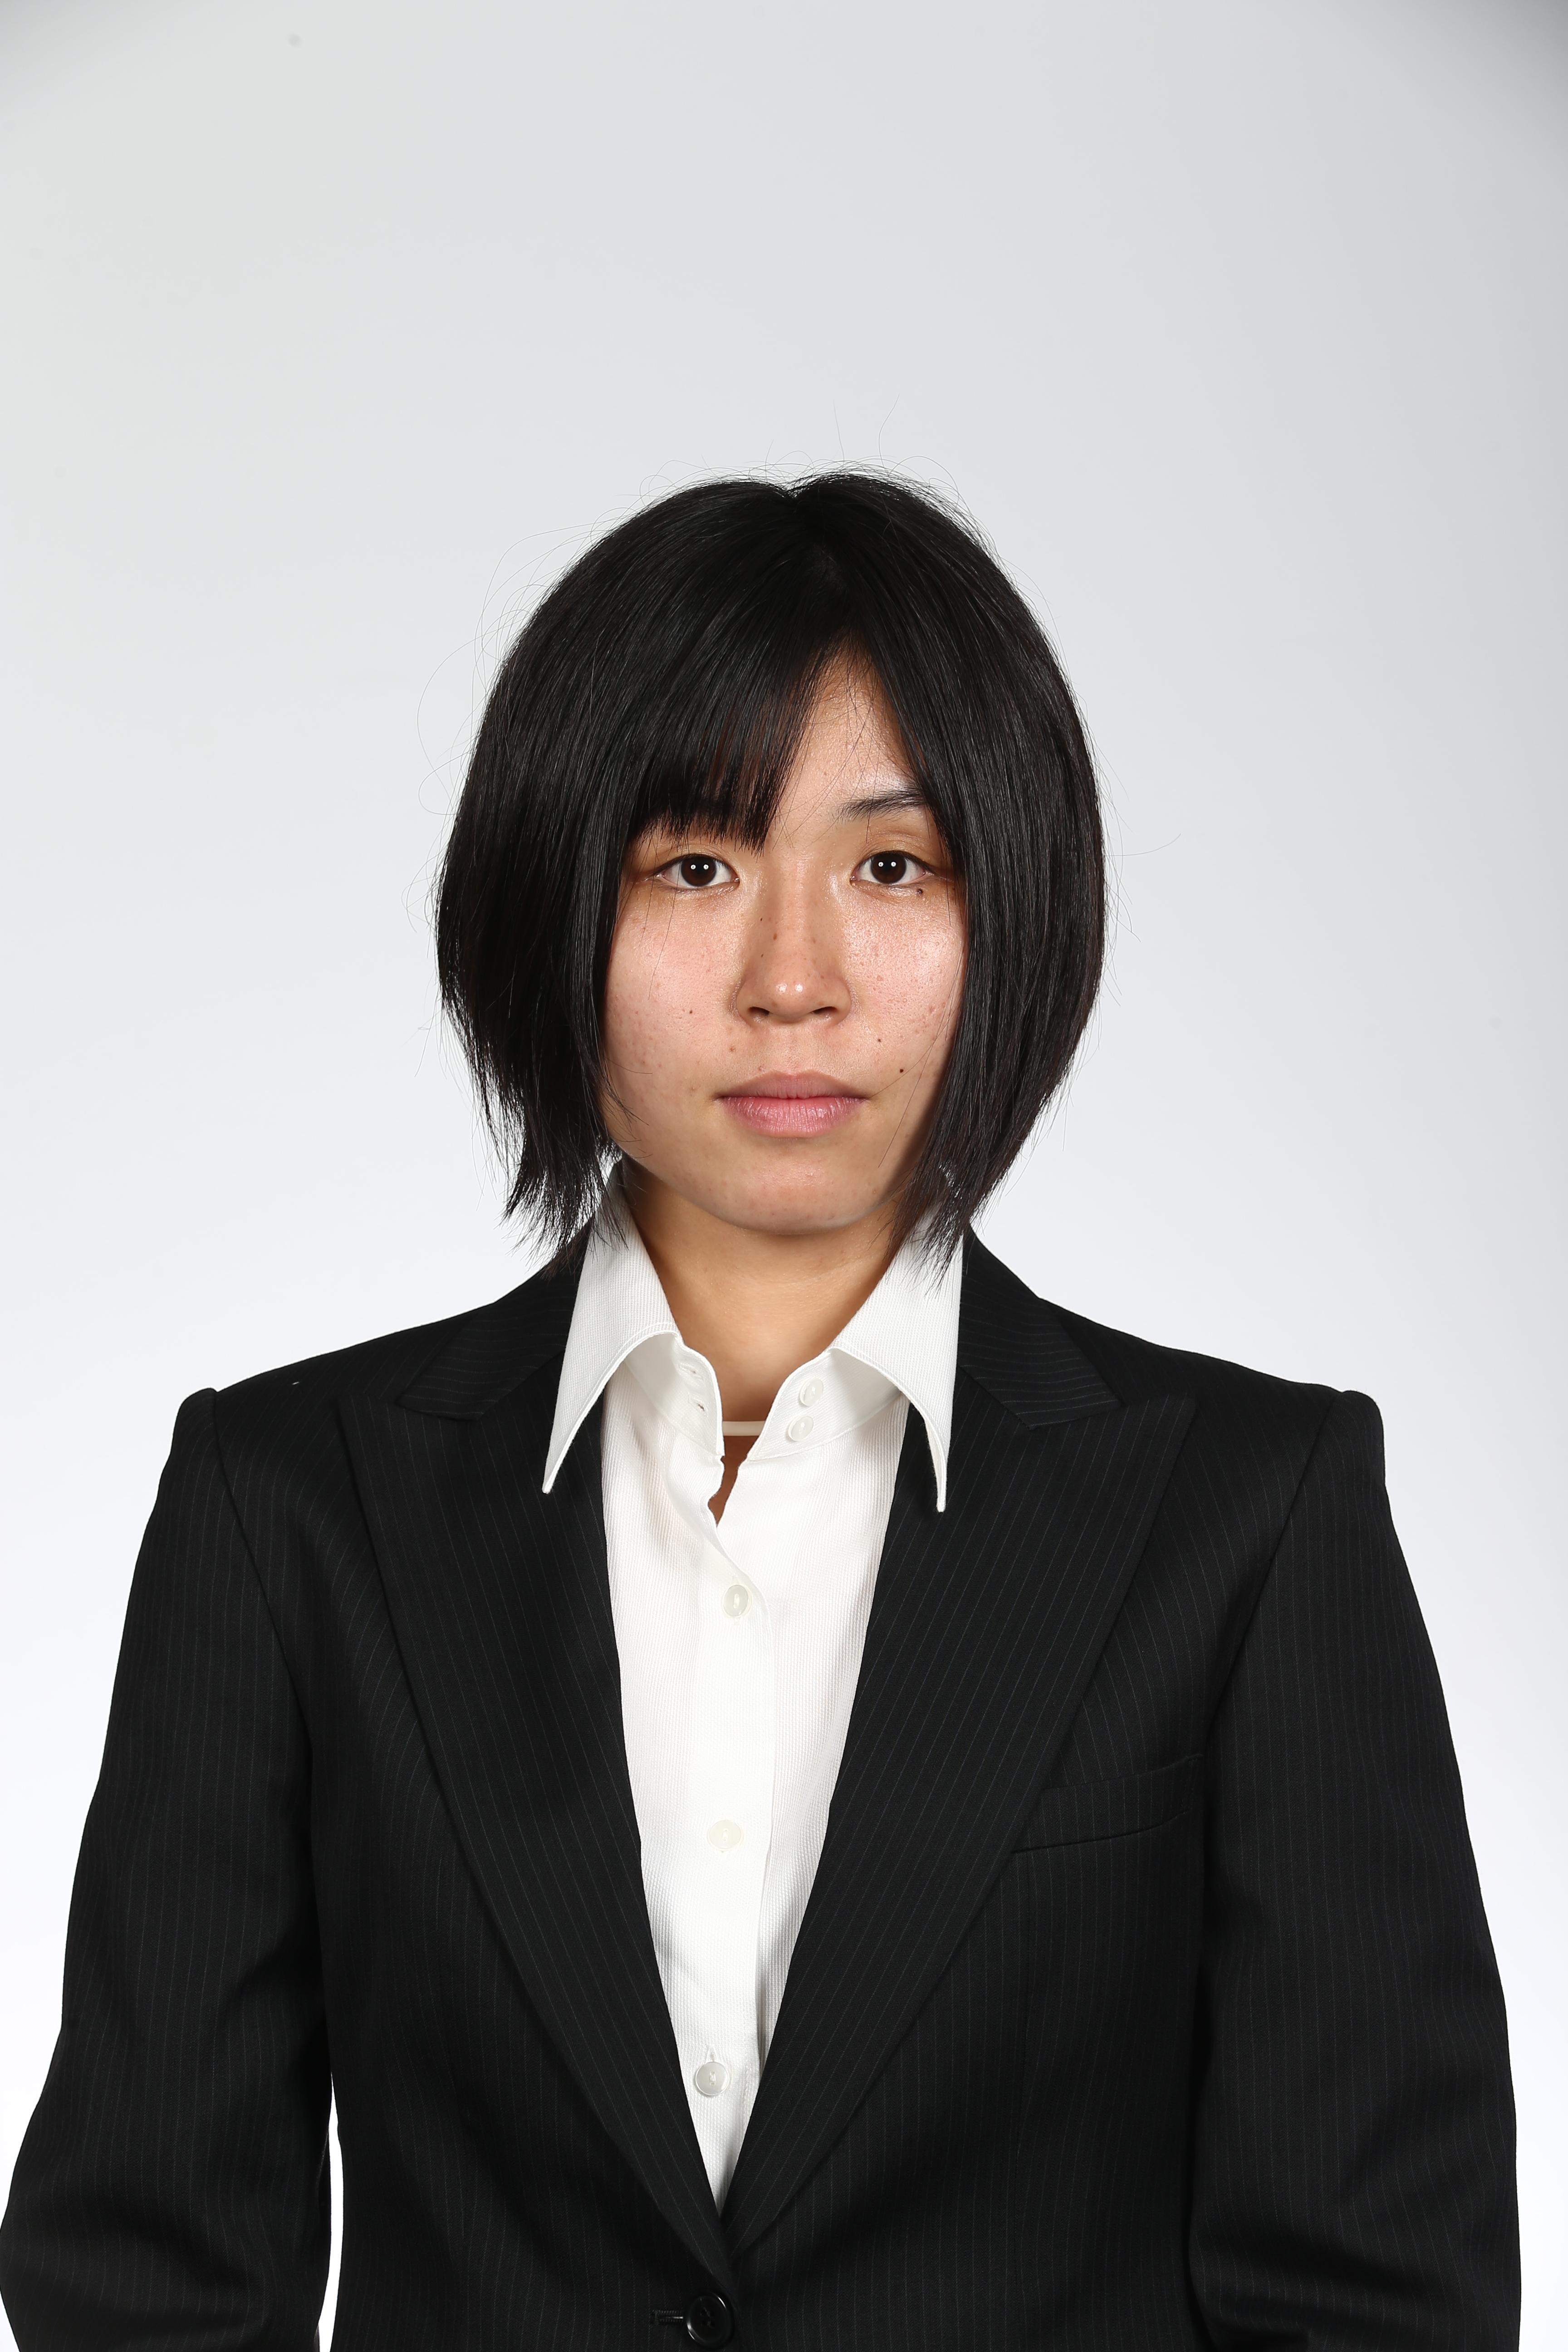 Nami Sagawa